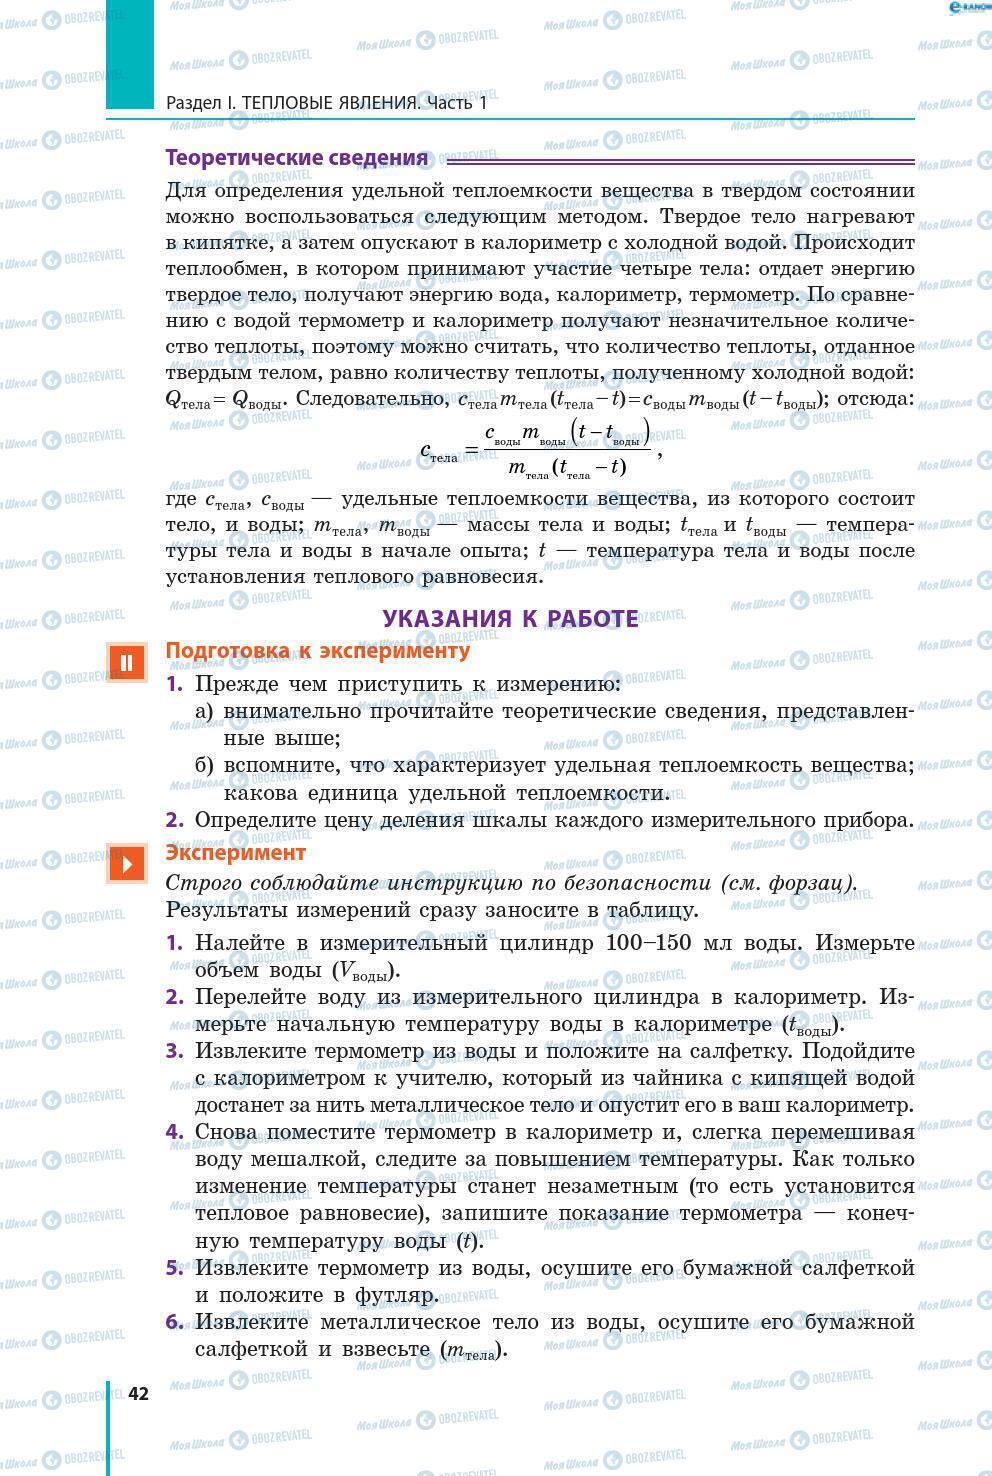 Підручники Фізика 8 клас сторінка 42